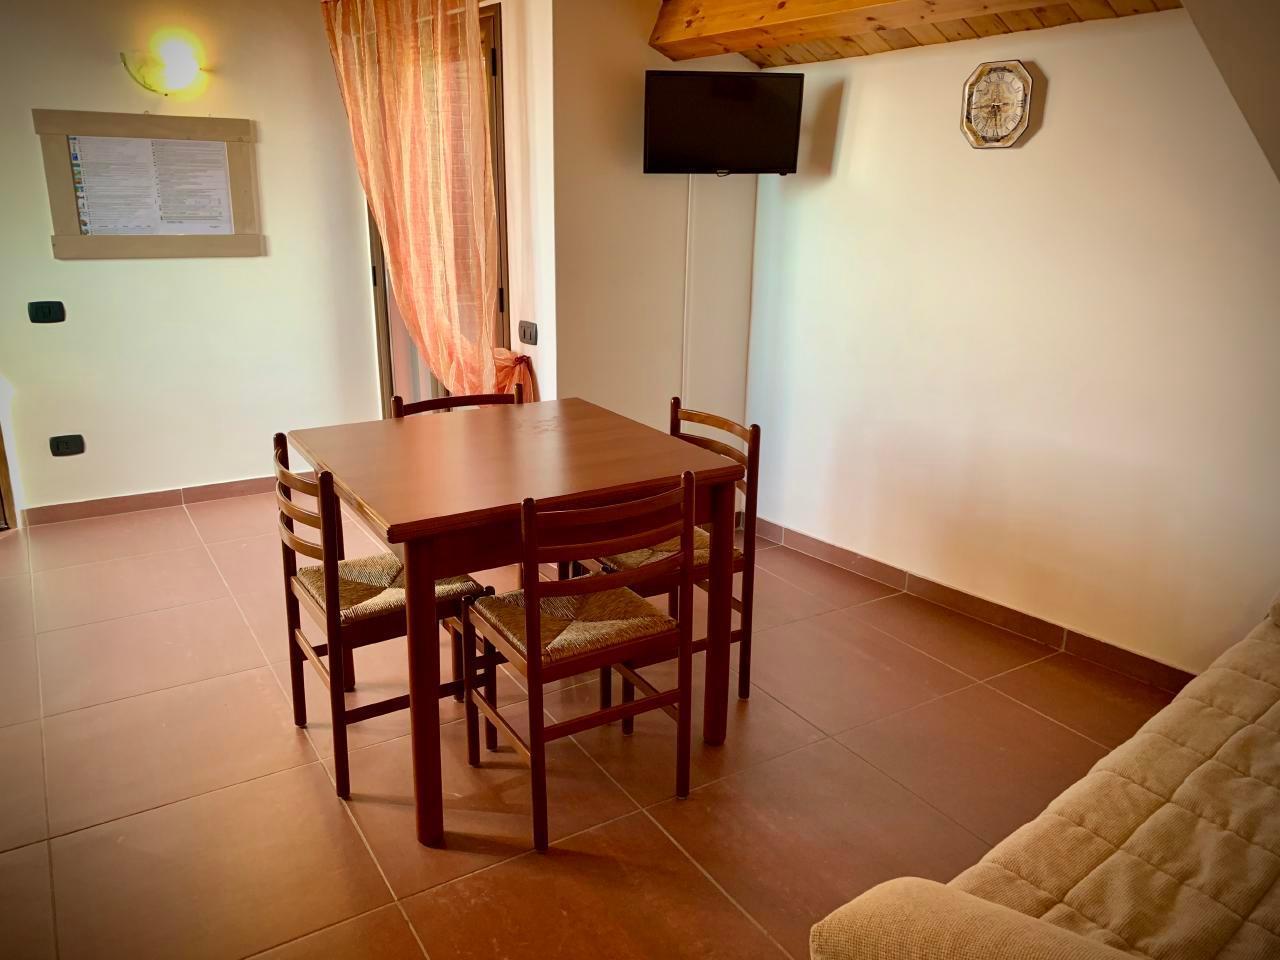 Ferienhaus Ferienwohnungen (405224), Sciacca, Agrigento, Sizilien, Italien, Bild 14